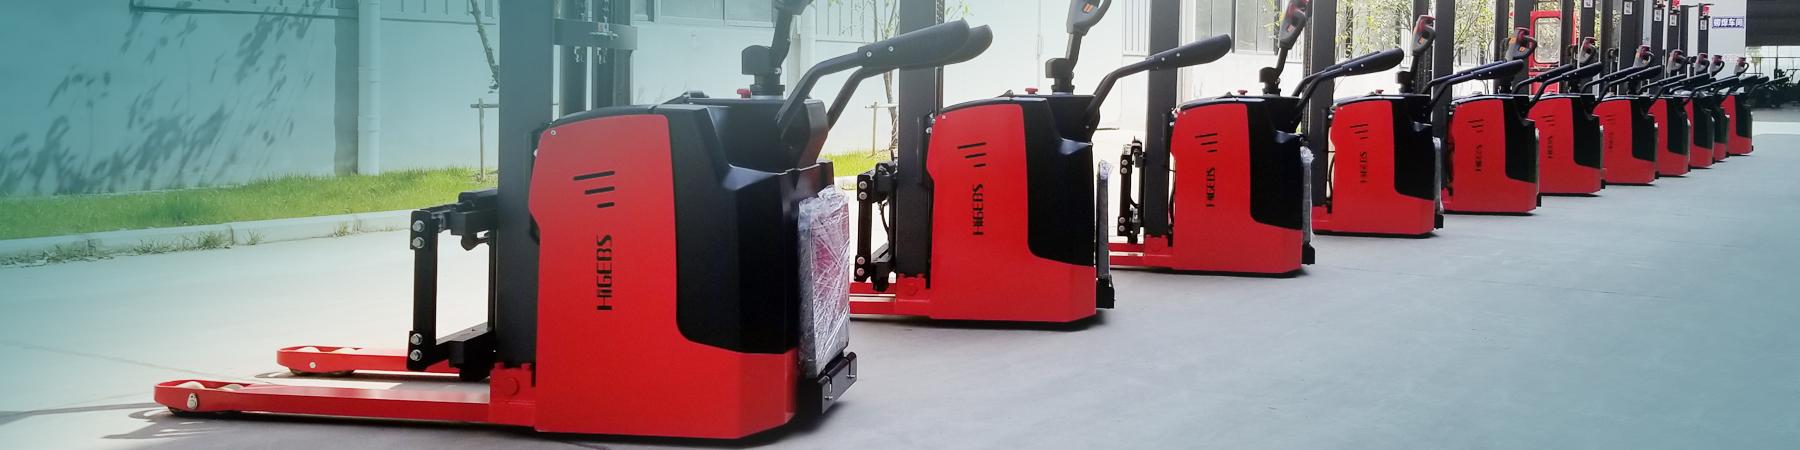 基柯(上海)工业装备有限公司